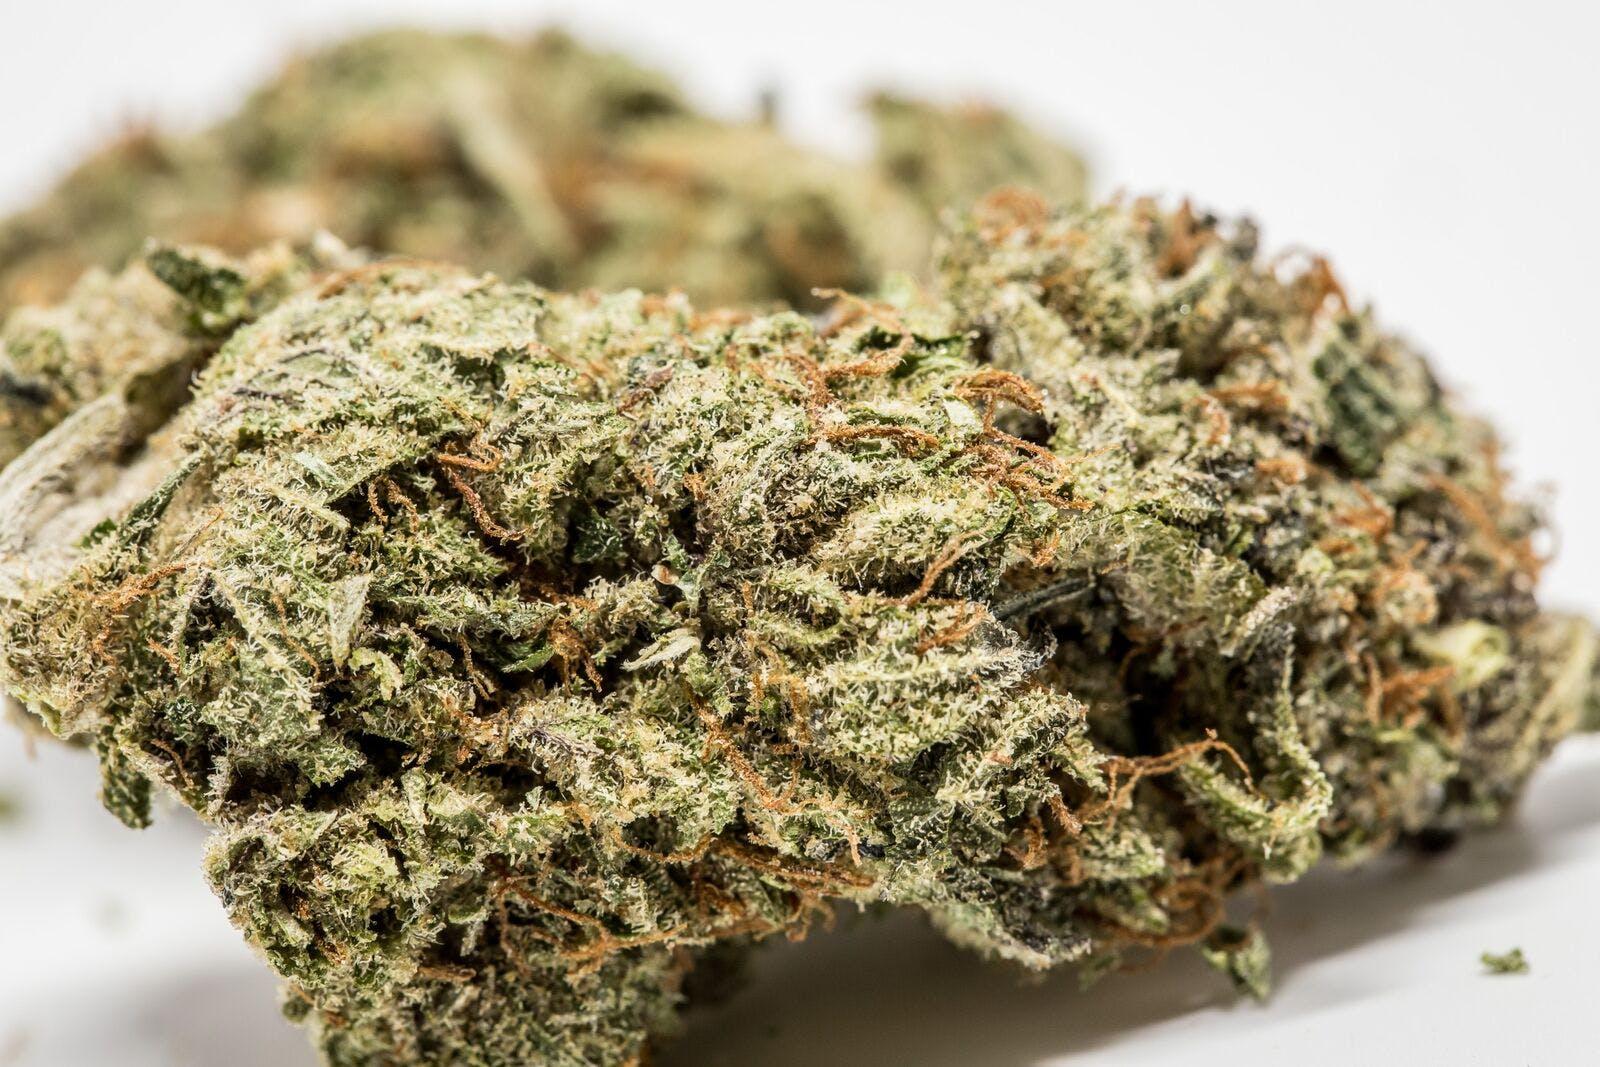 GG5 Weed; GG5 Cannabis Strain; GG5 Hybrid Marijuana Strain